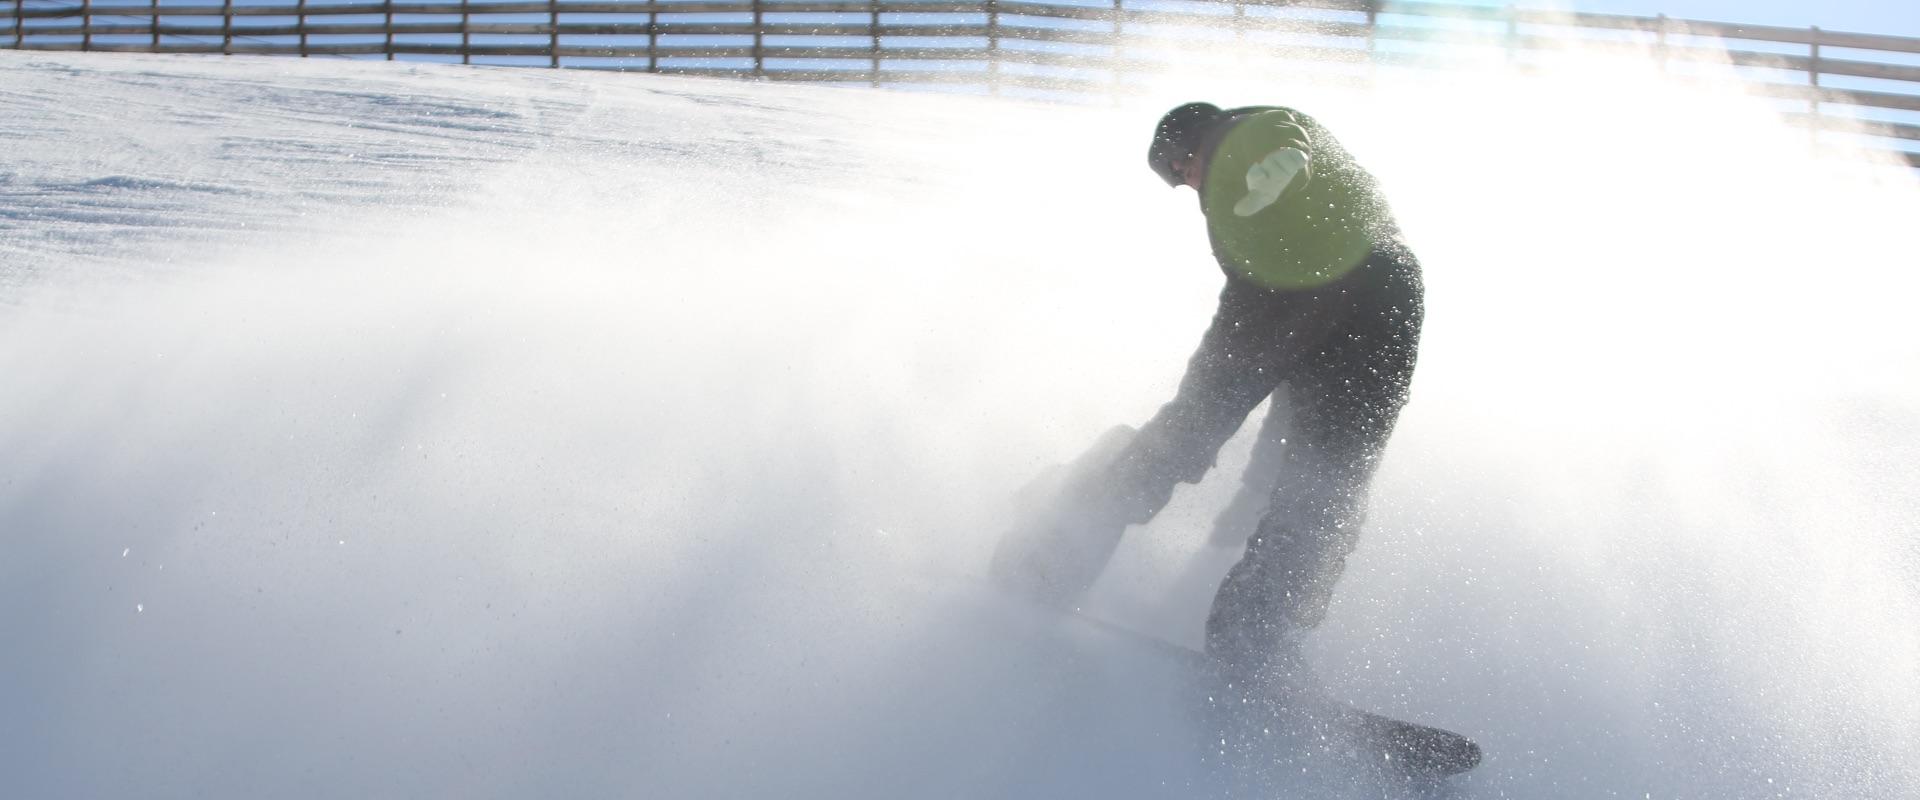 safe-formacion-tecnicos-deportivos-snowboard-3